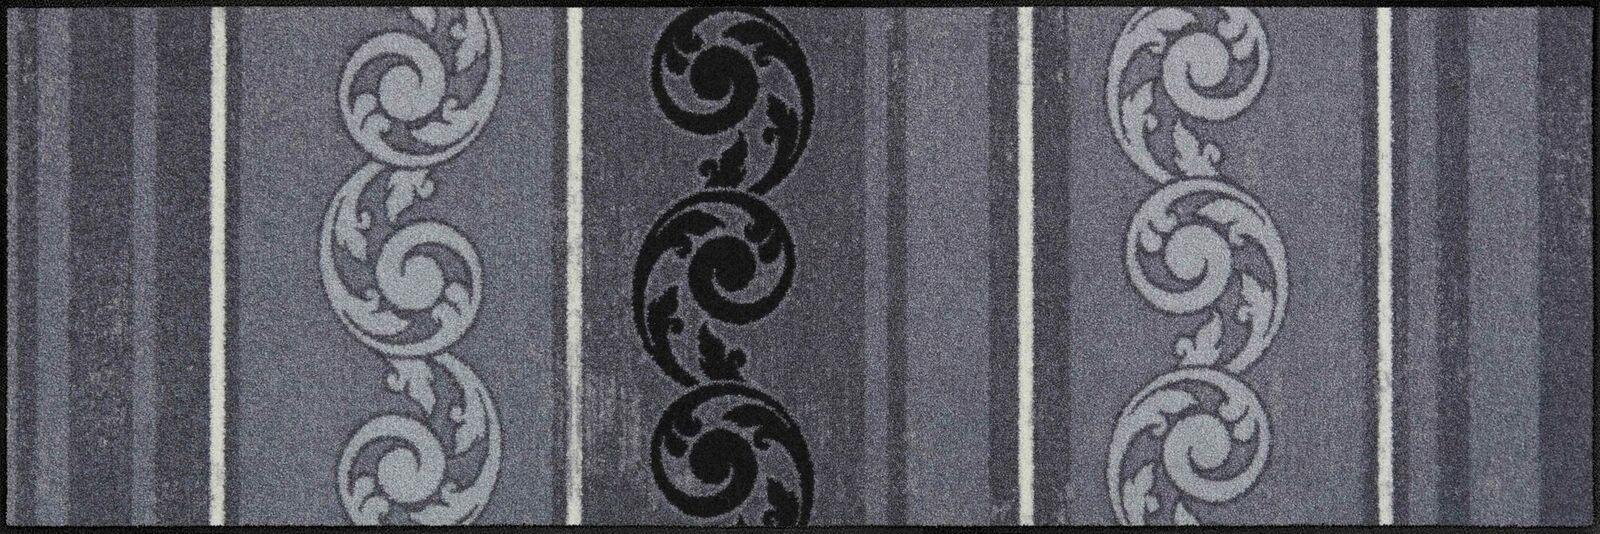 Salonloewe Salonloewe Salonloewe Fußmatte Arabeske Grau waschbare Schmutzmatte Türvorleger Hauseingang 981b25